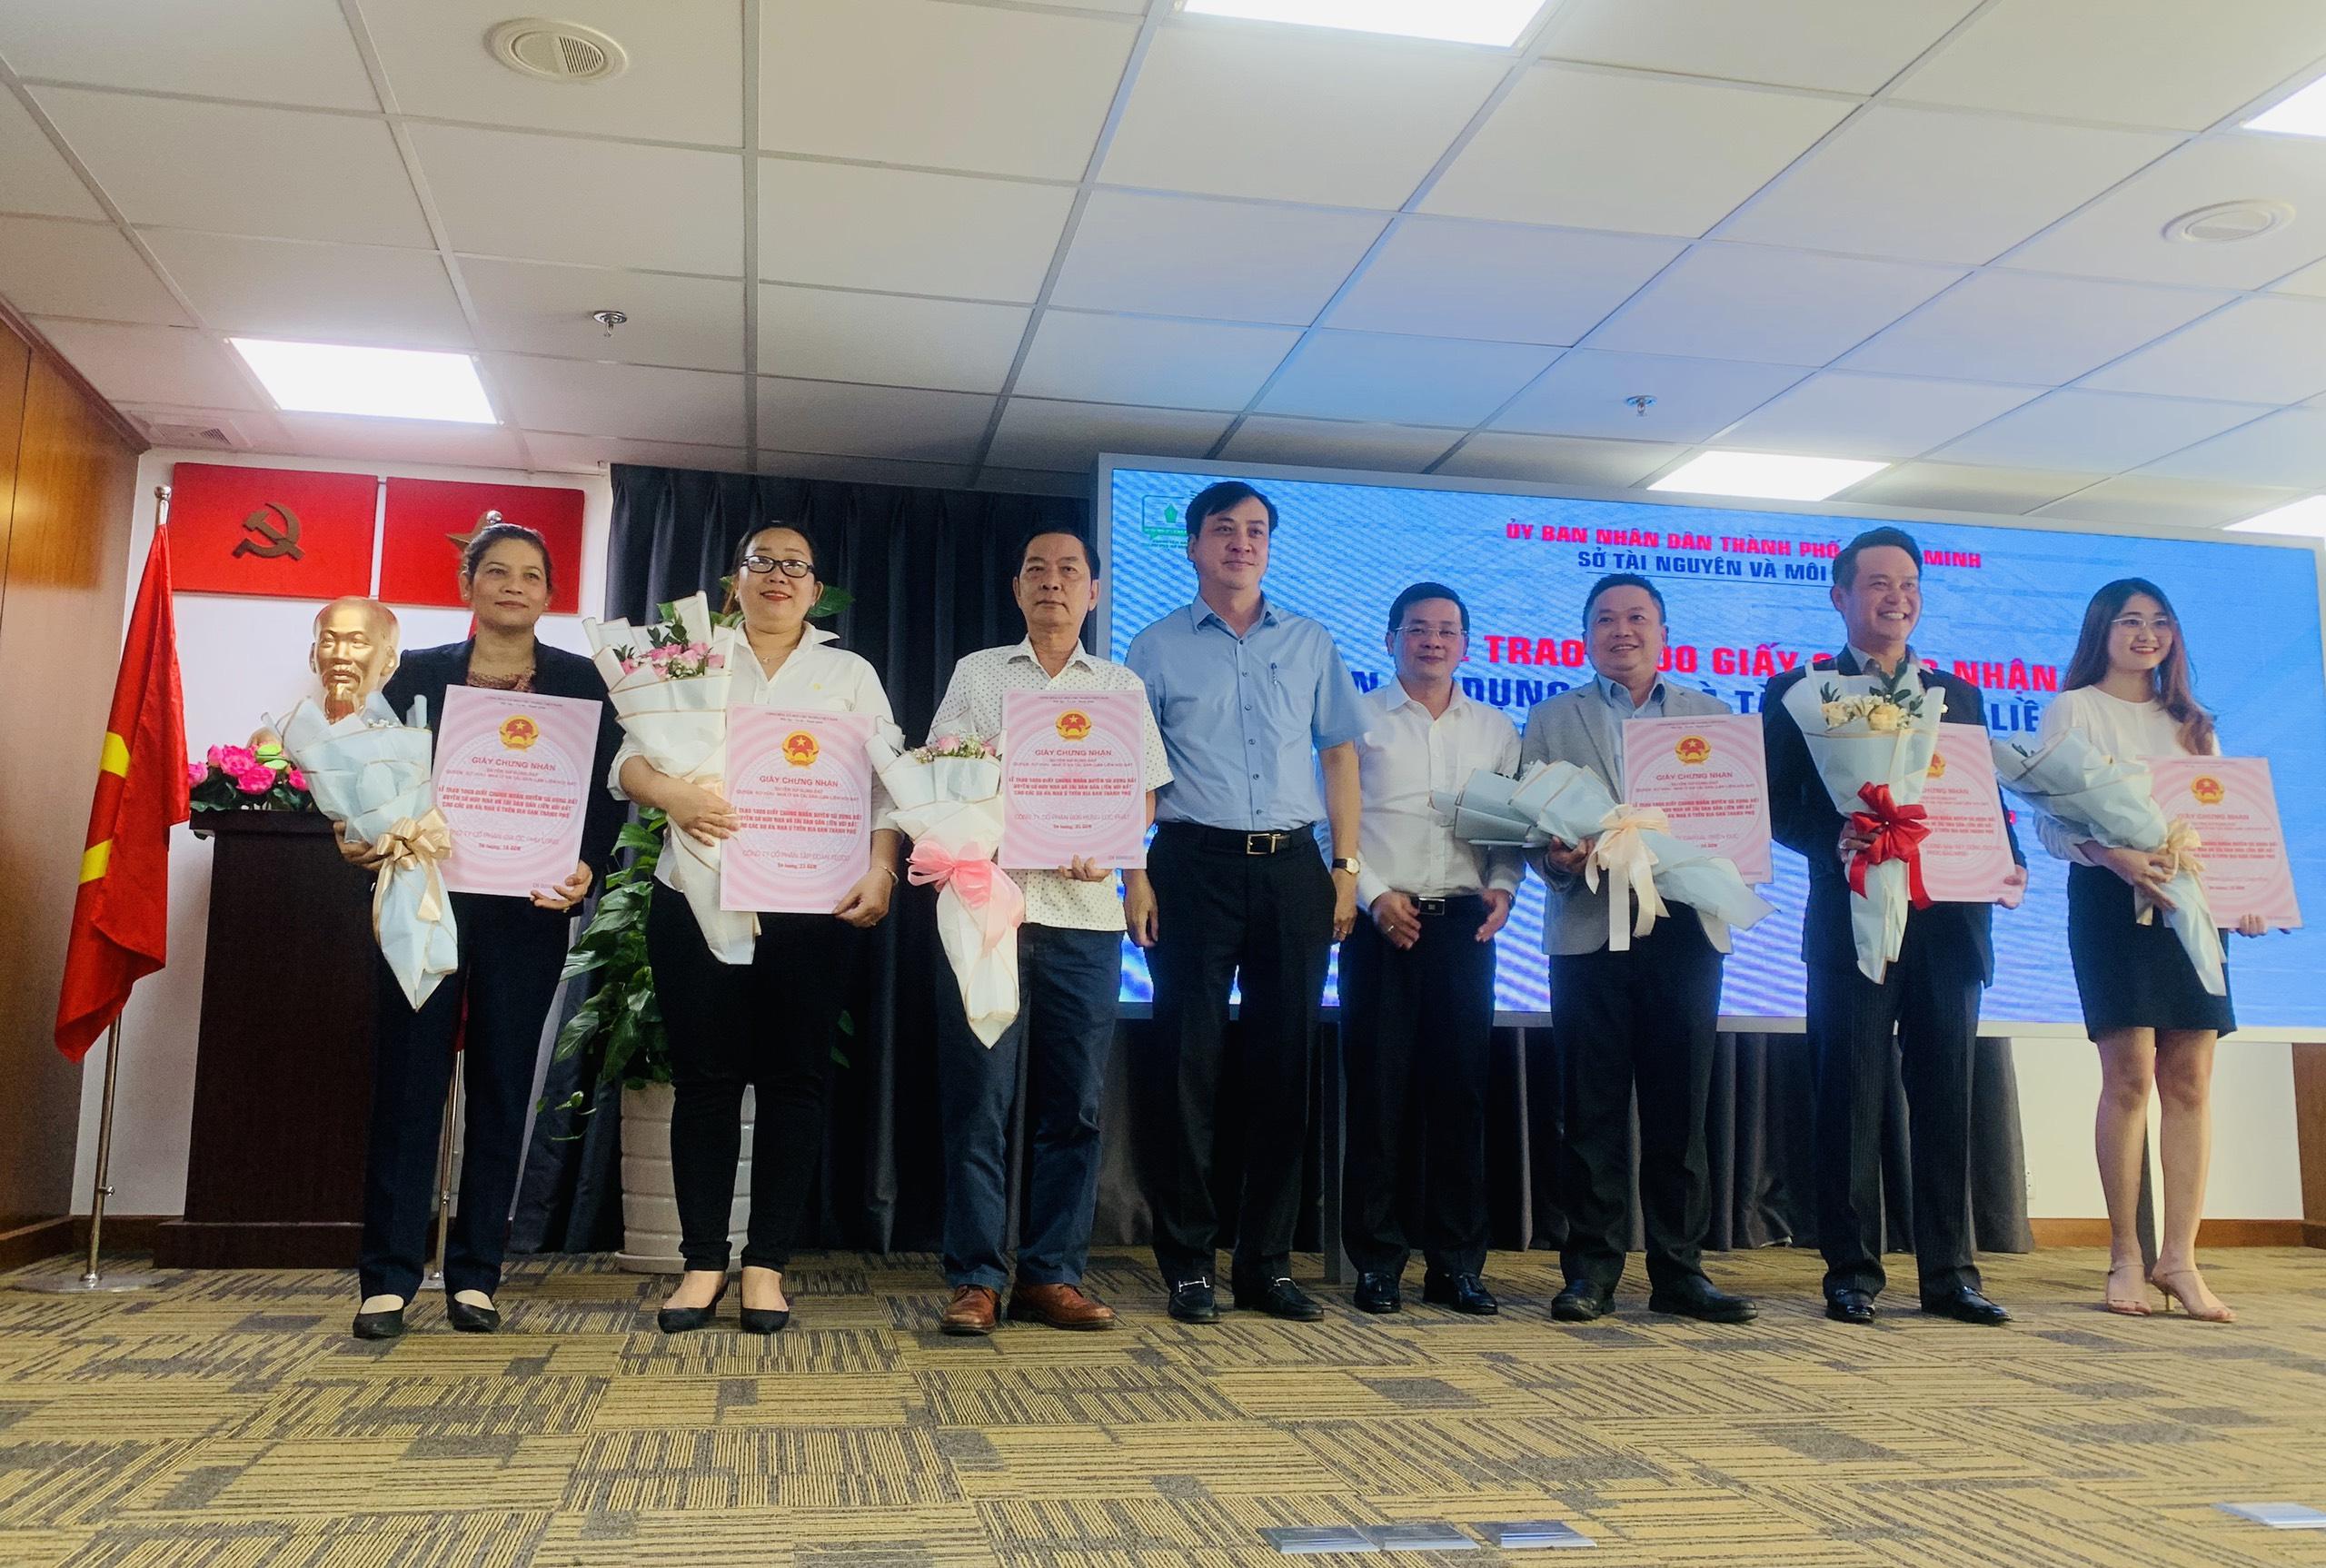 16 dự án nhà ở trên địa bàn TP được trao giấy chứng nhận sổ hồng